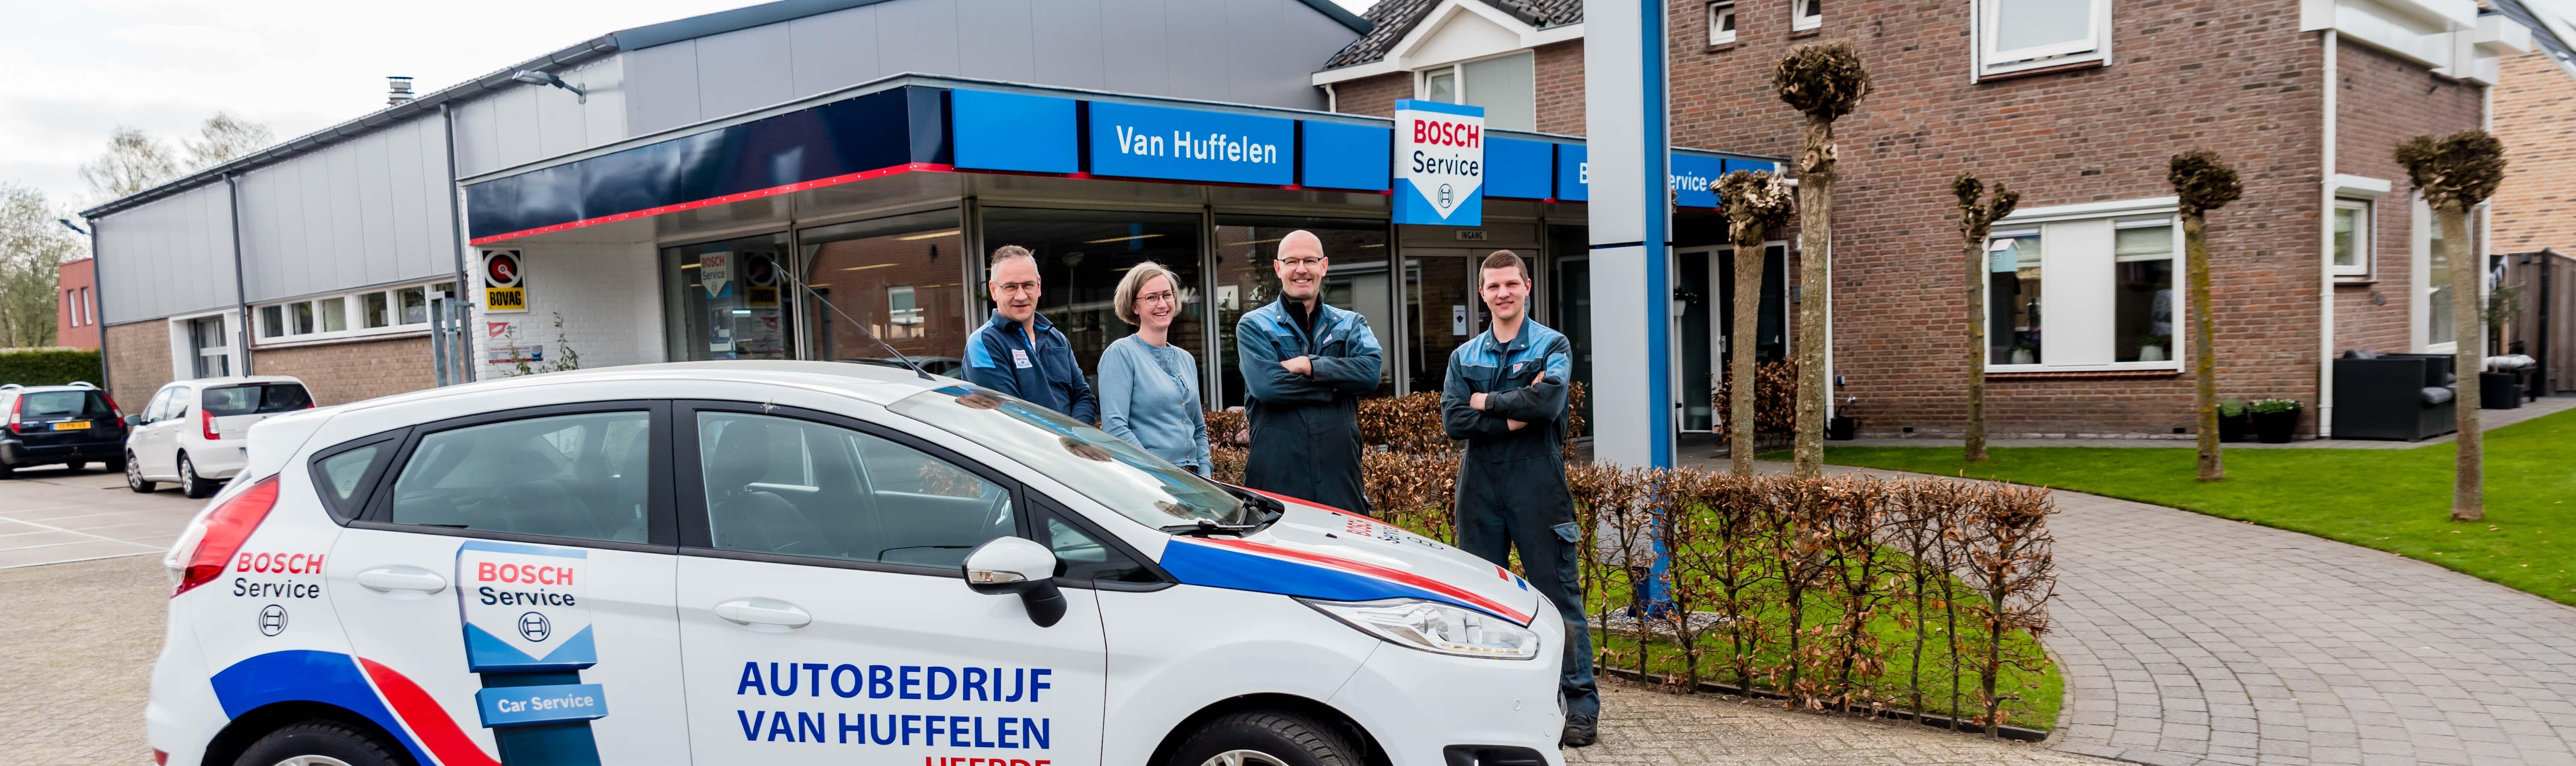 Over autobedrijf van Huffelen